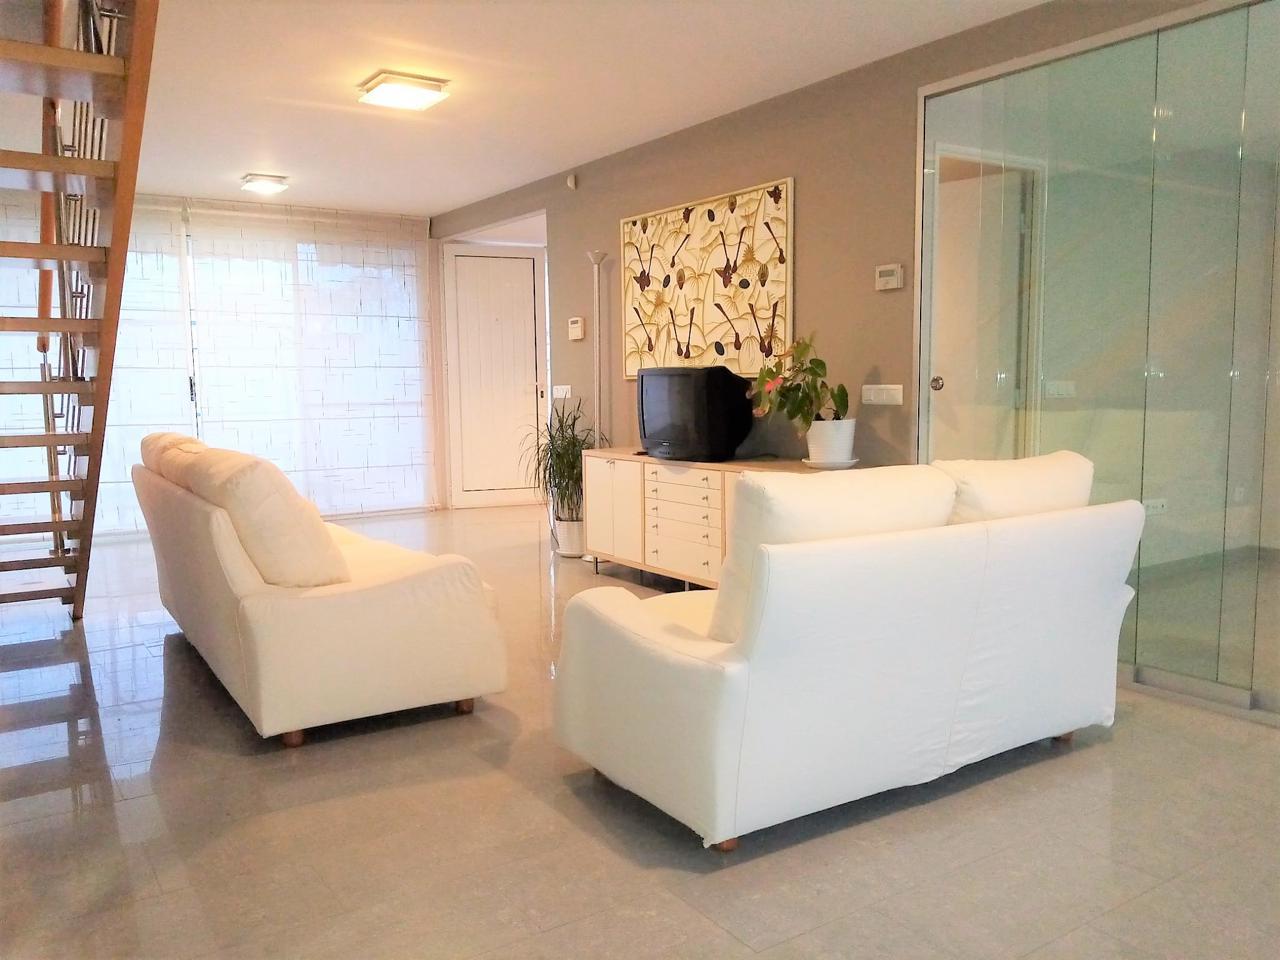 Casa en Morell (El). Casa adosada de construcción minimalista de 180 m2 útiles situad